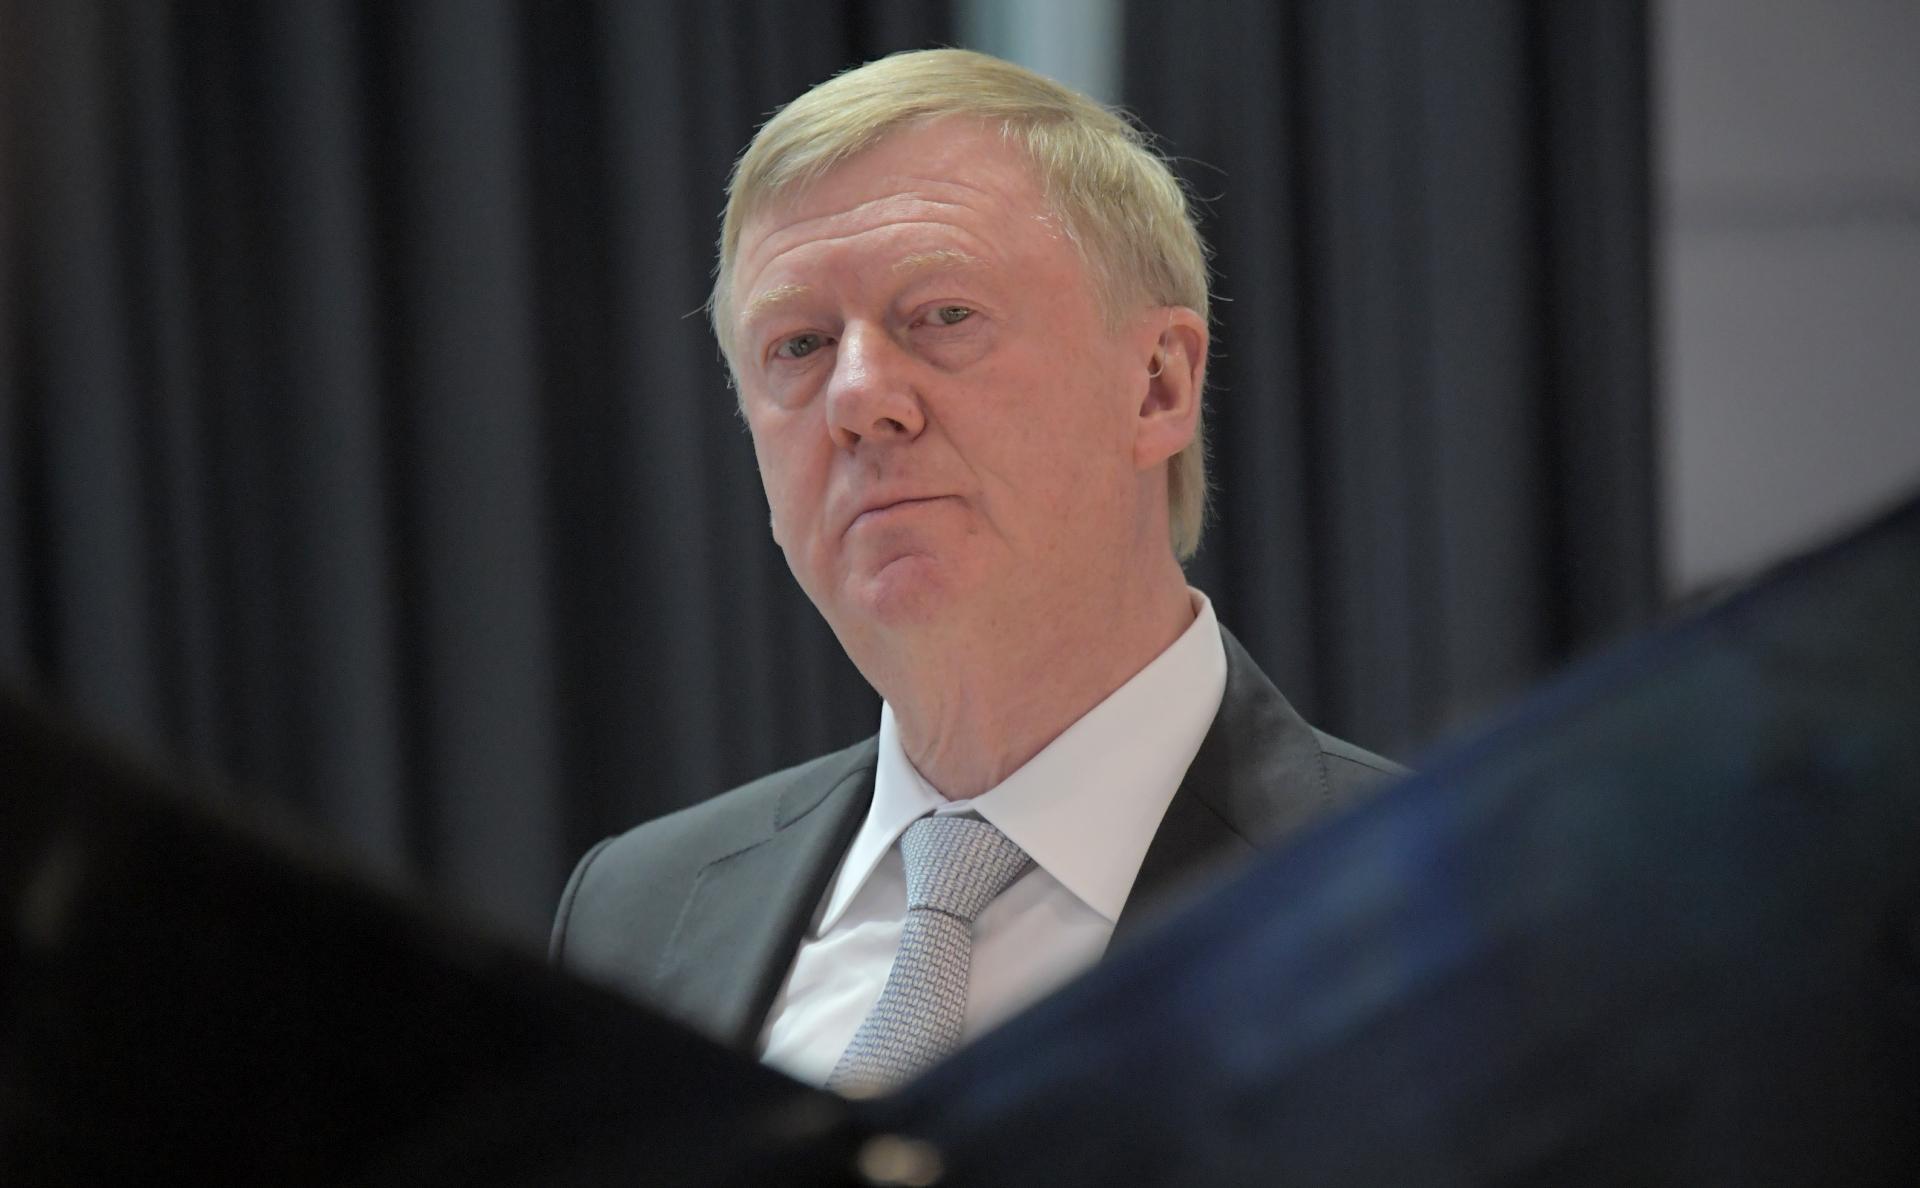 Чубайс заявил о «грубейшей ошибке» властей из-за углеродного налога